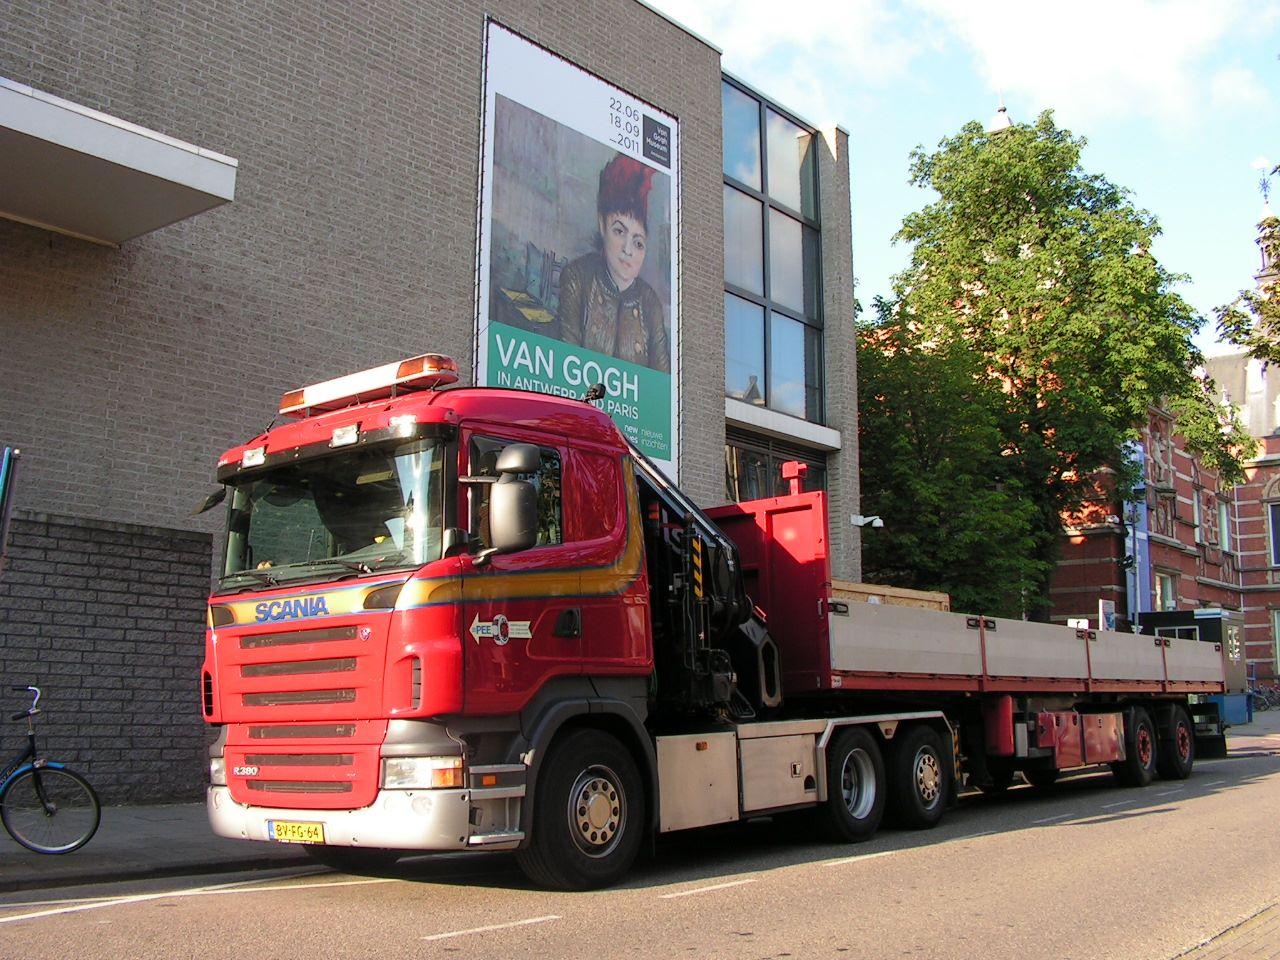 Scania-R380-6-x-2-met-60-tm-kraan-voor-het-Van-Gogh-Museum